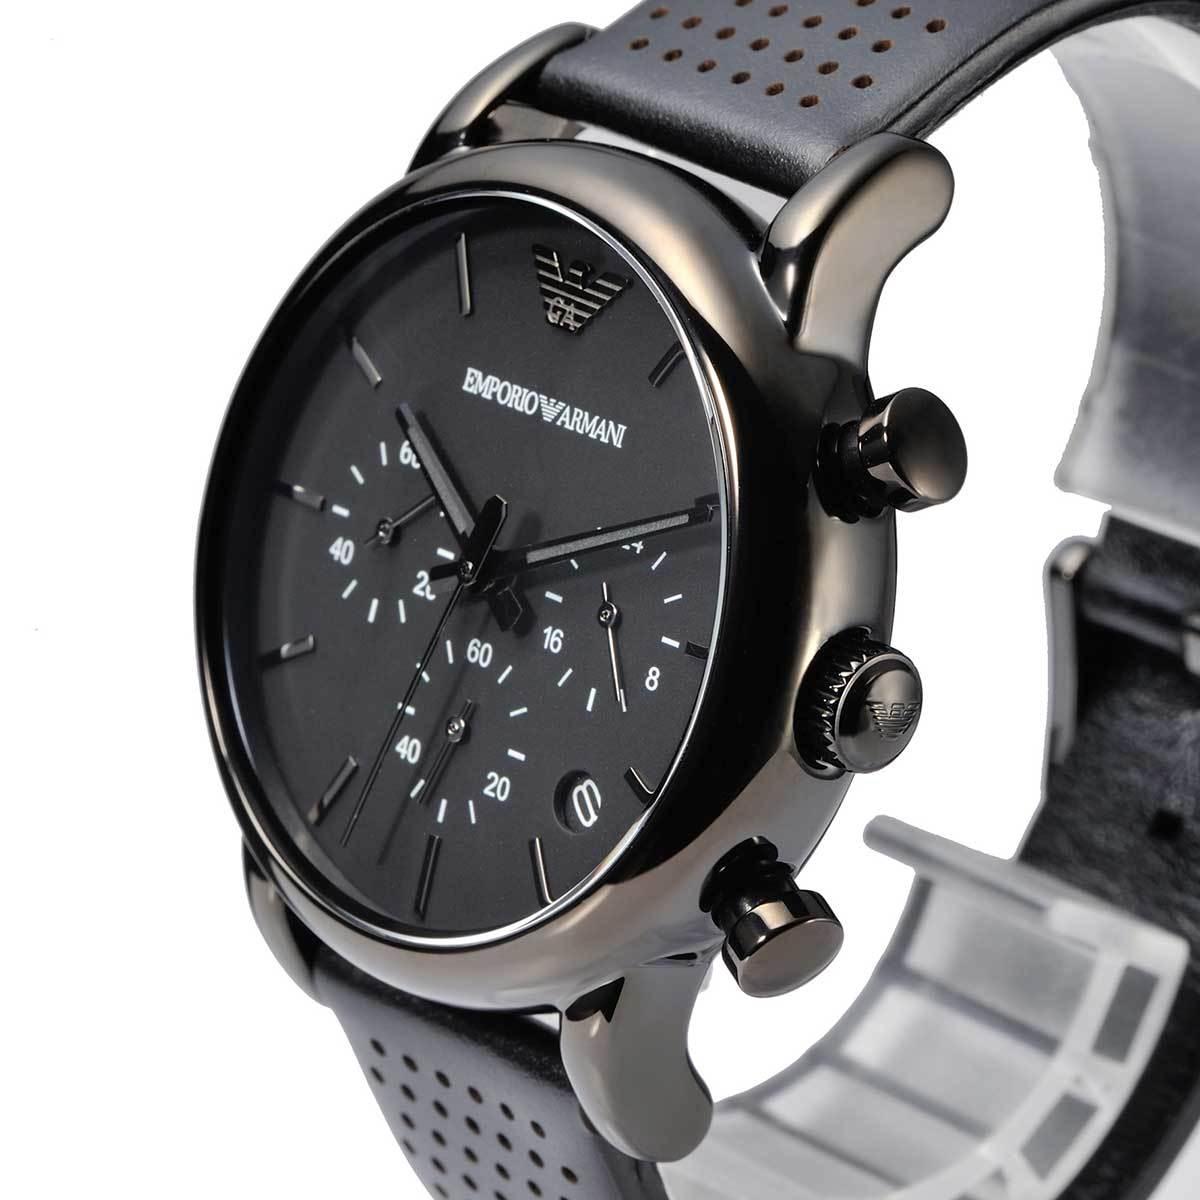 Мастерство дизайнера по достоинству оценил американский концерн fossil, в результате сотрудничества с которым были созданы первые коллекции наручных часов от armani.